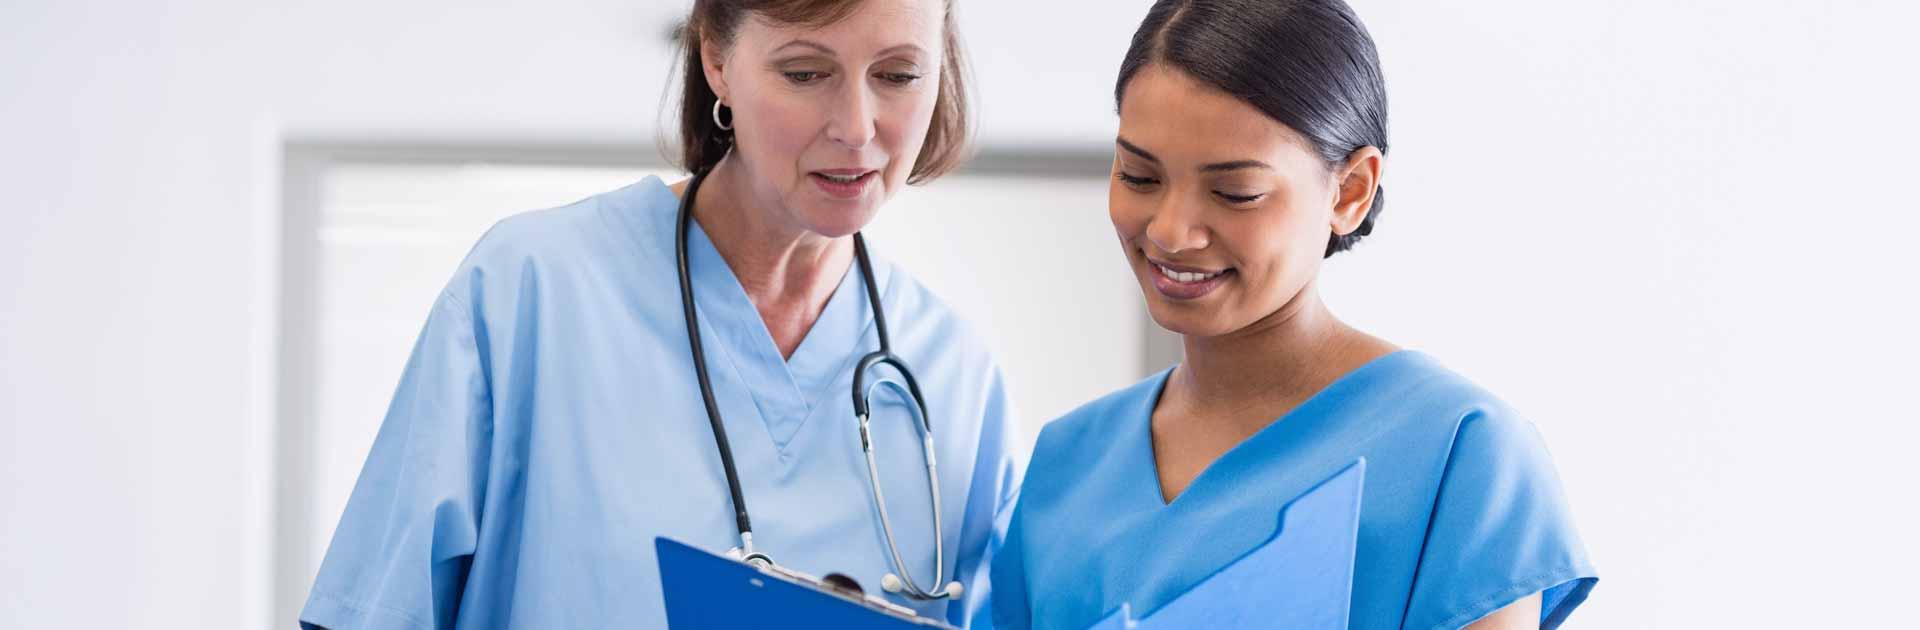 kvalificerad-sjukvård